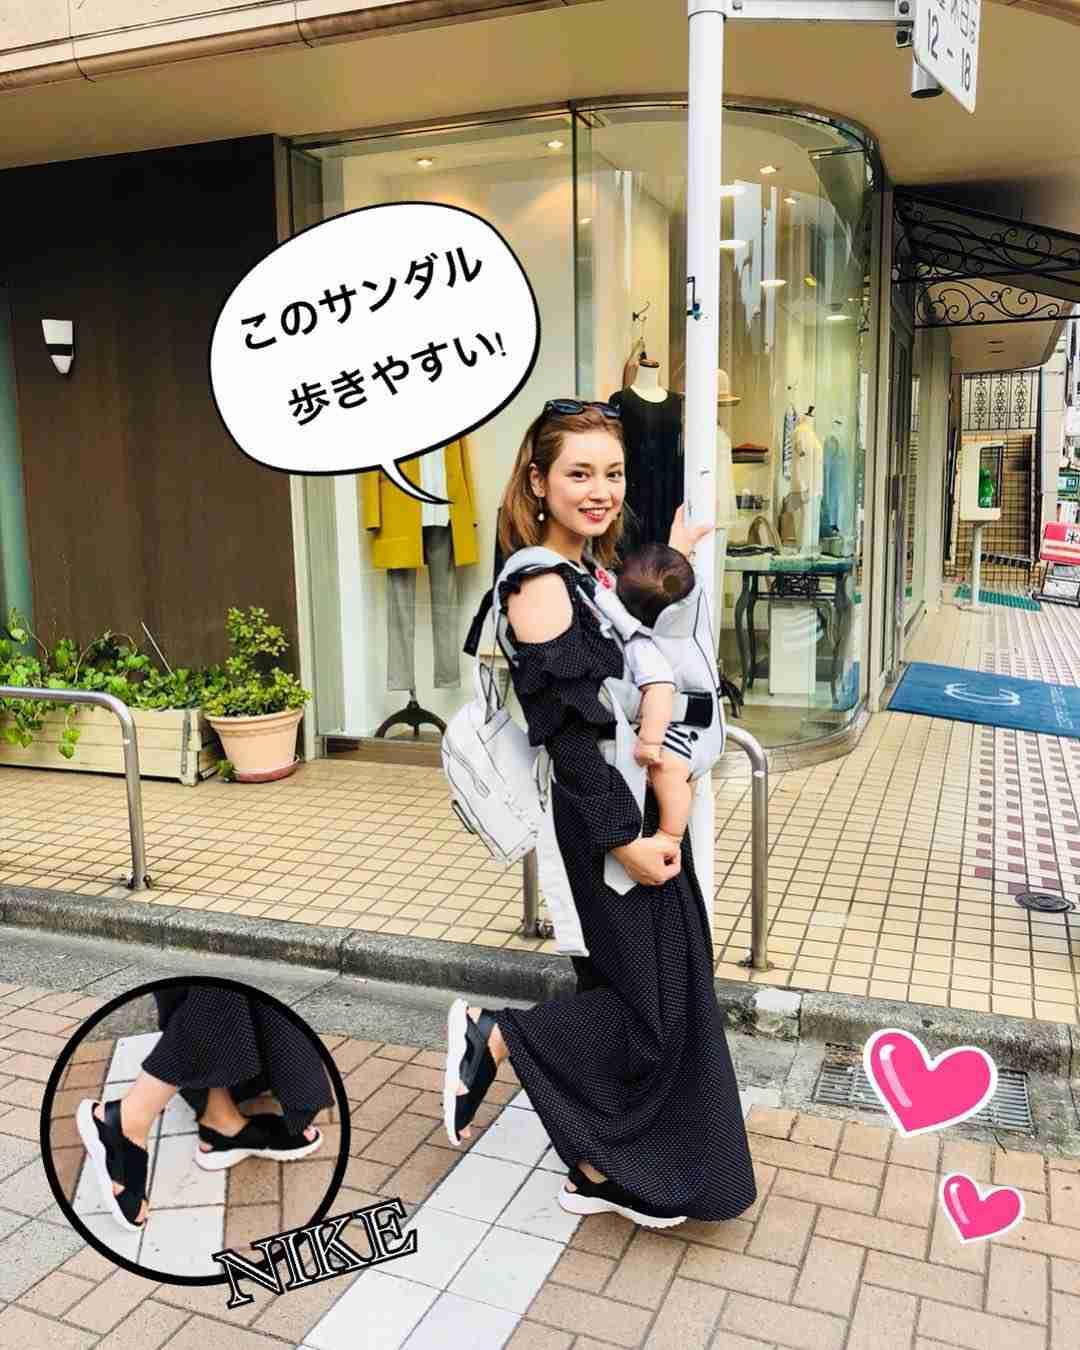 """平愛梨オフィシャル on Instagram: """"お散歩✨ 靴ズレしない! 足にフィットしたサンダル✨ 嬉しすぎてたくさん歩いちゃった‼︎…"""""""